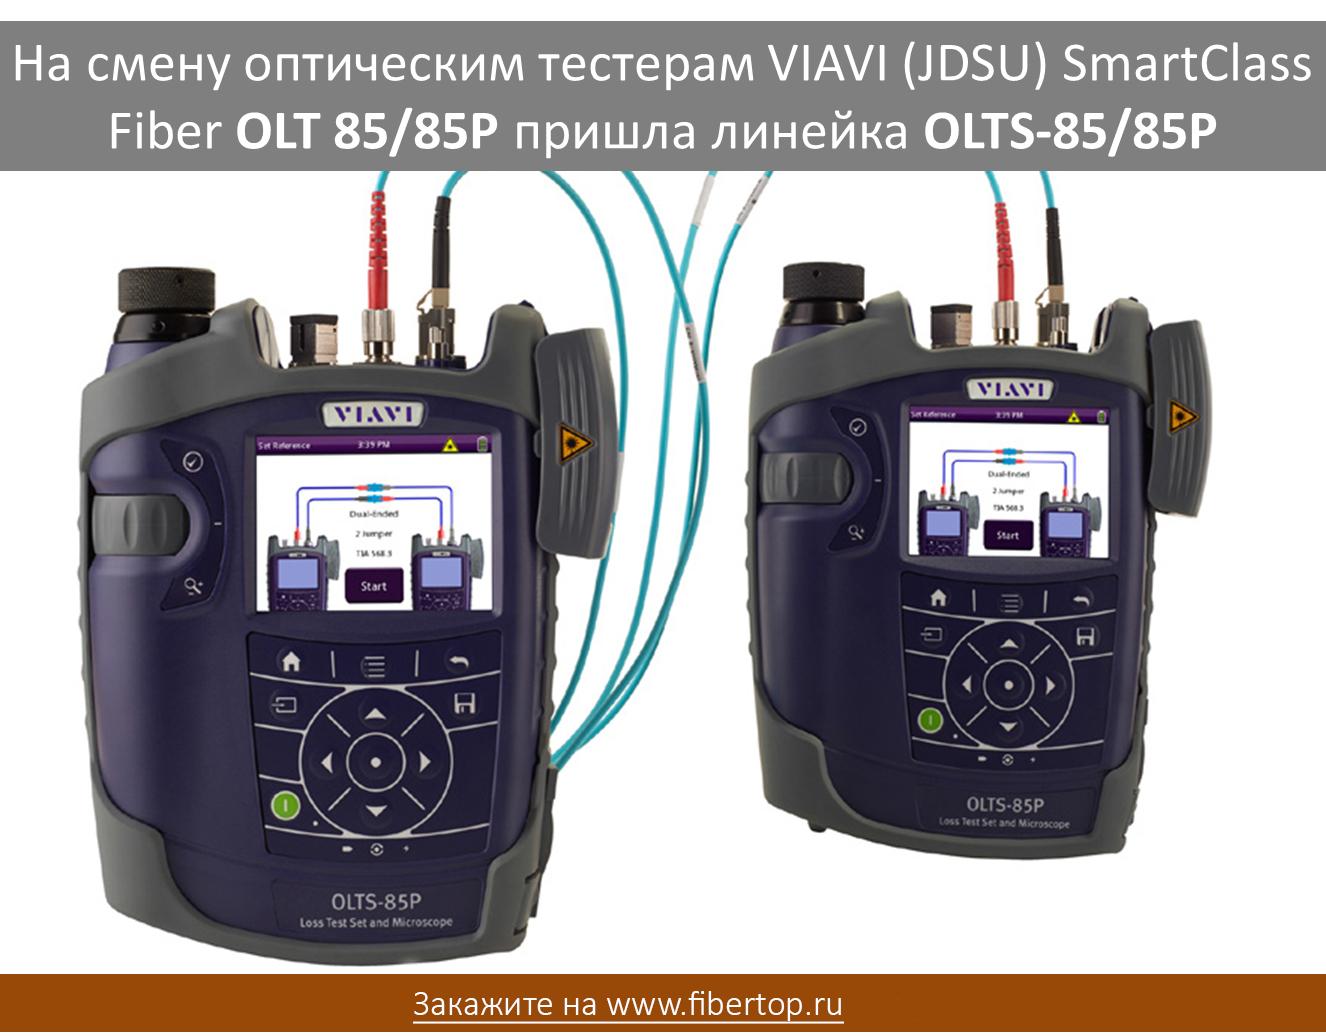 Оптические тестеры JDSU SmartClass Fiber OLT-85/85P сняты с